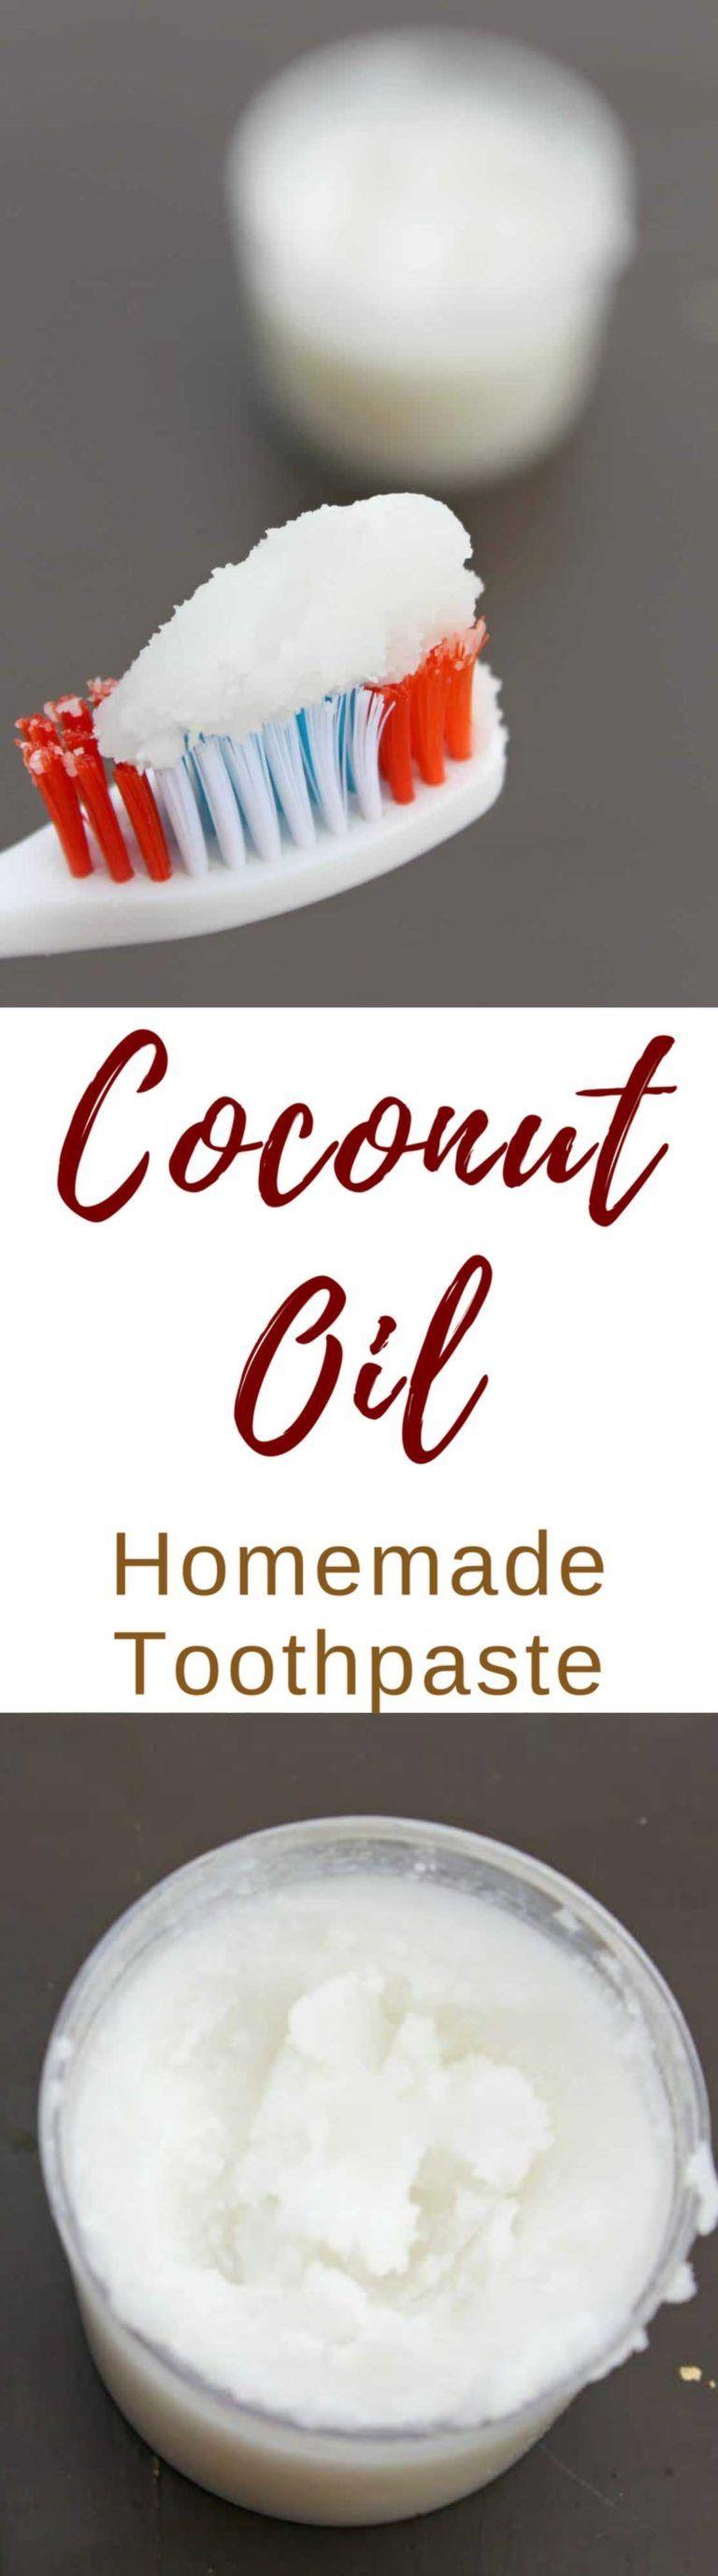 Coconut oil toothpaste recipe toothpaste recipe